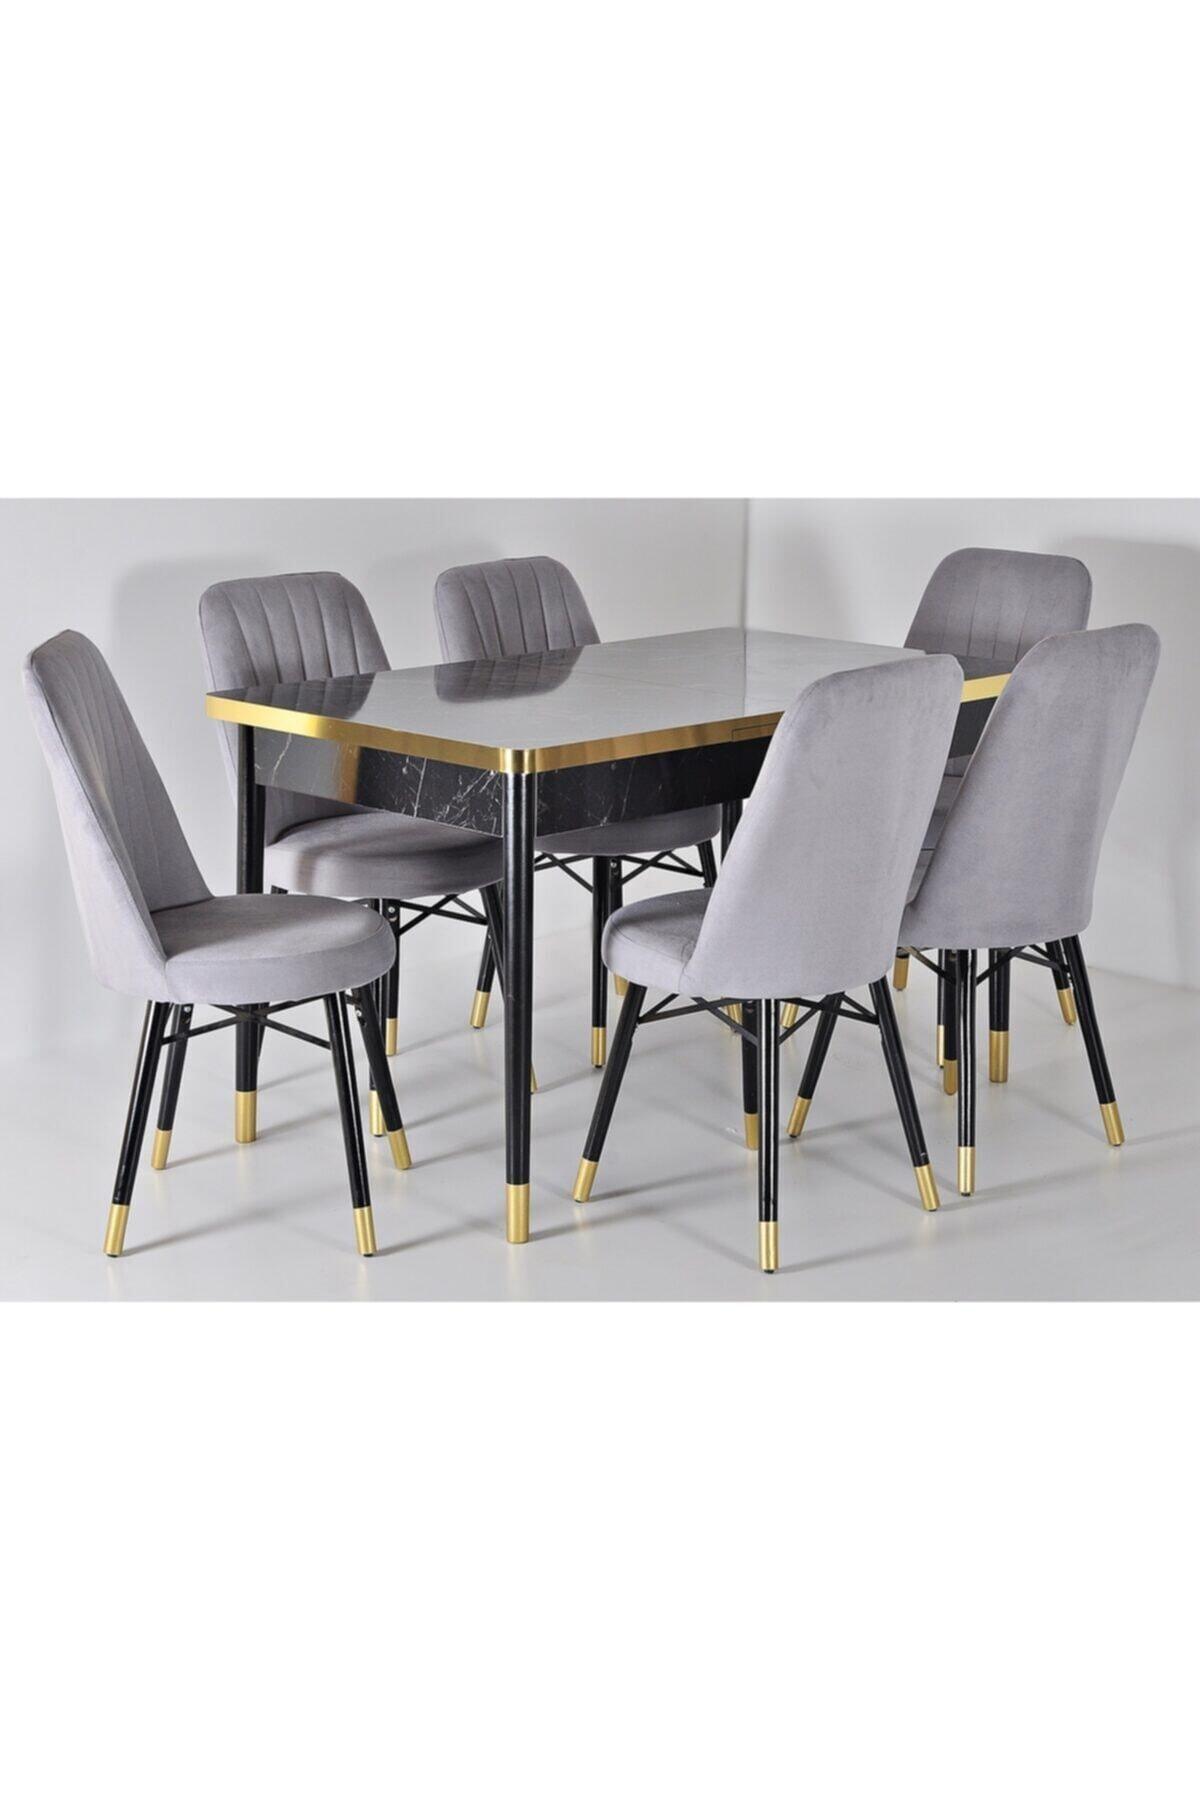 Açılır Ahşap Masa Sandalye Takımı 6 Kişilik